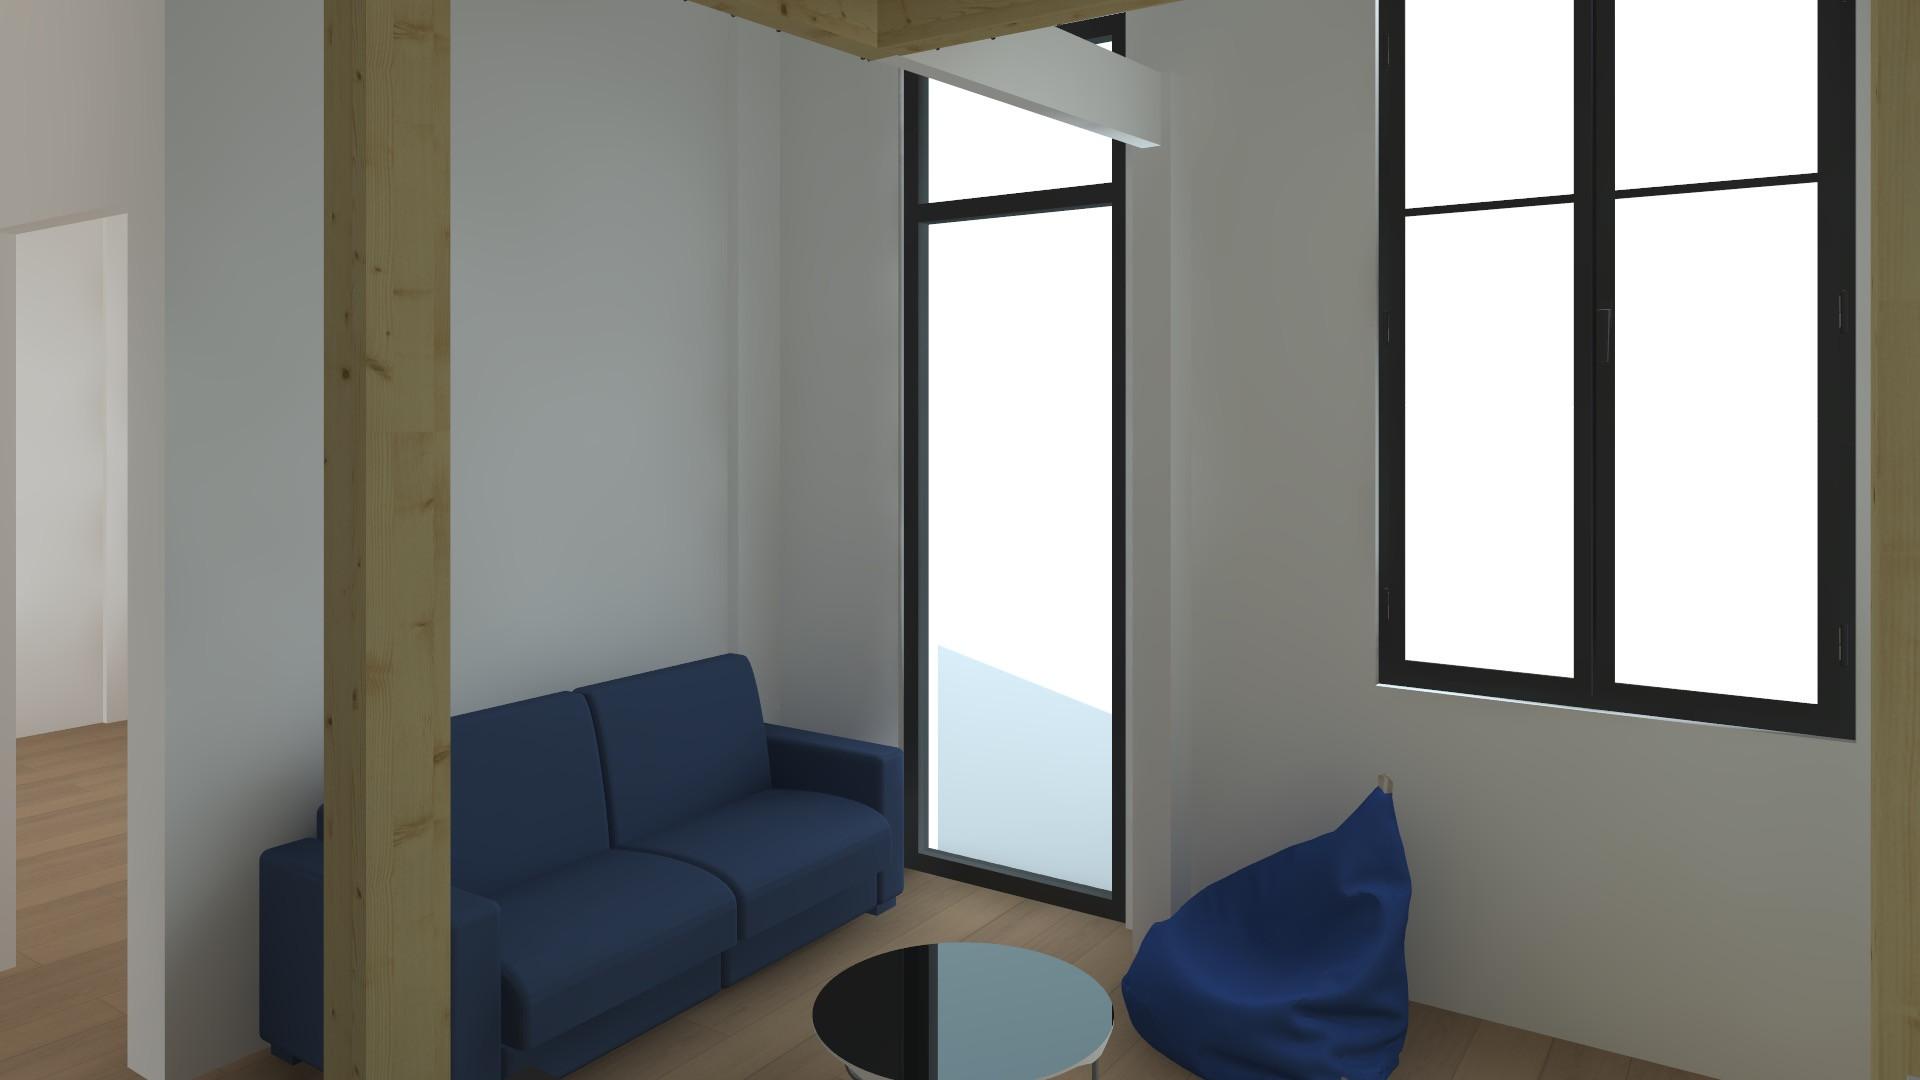 Studio à Parie, vue vers la fenêtre